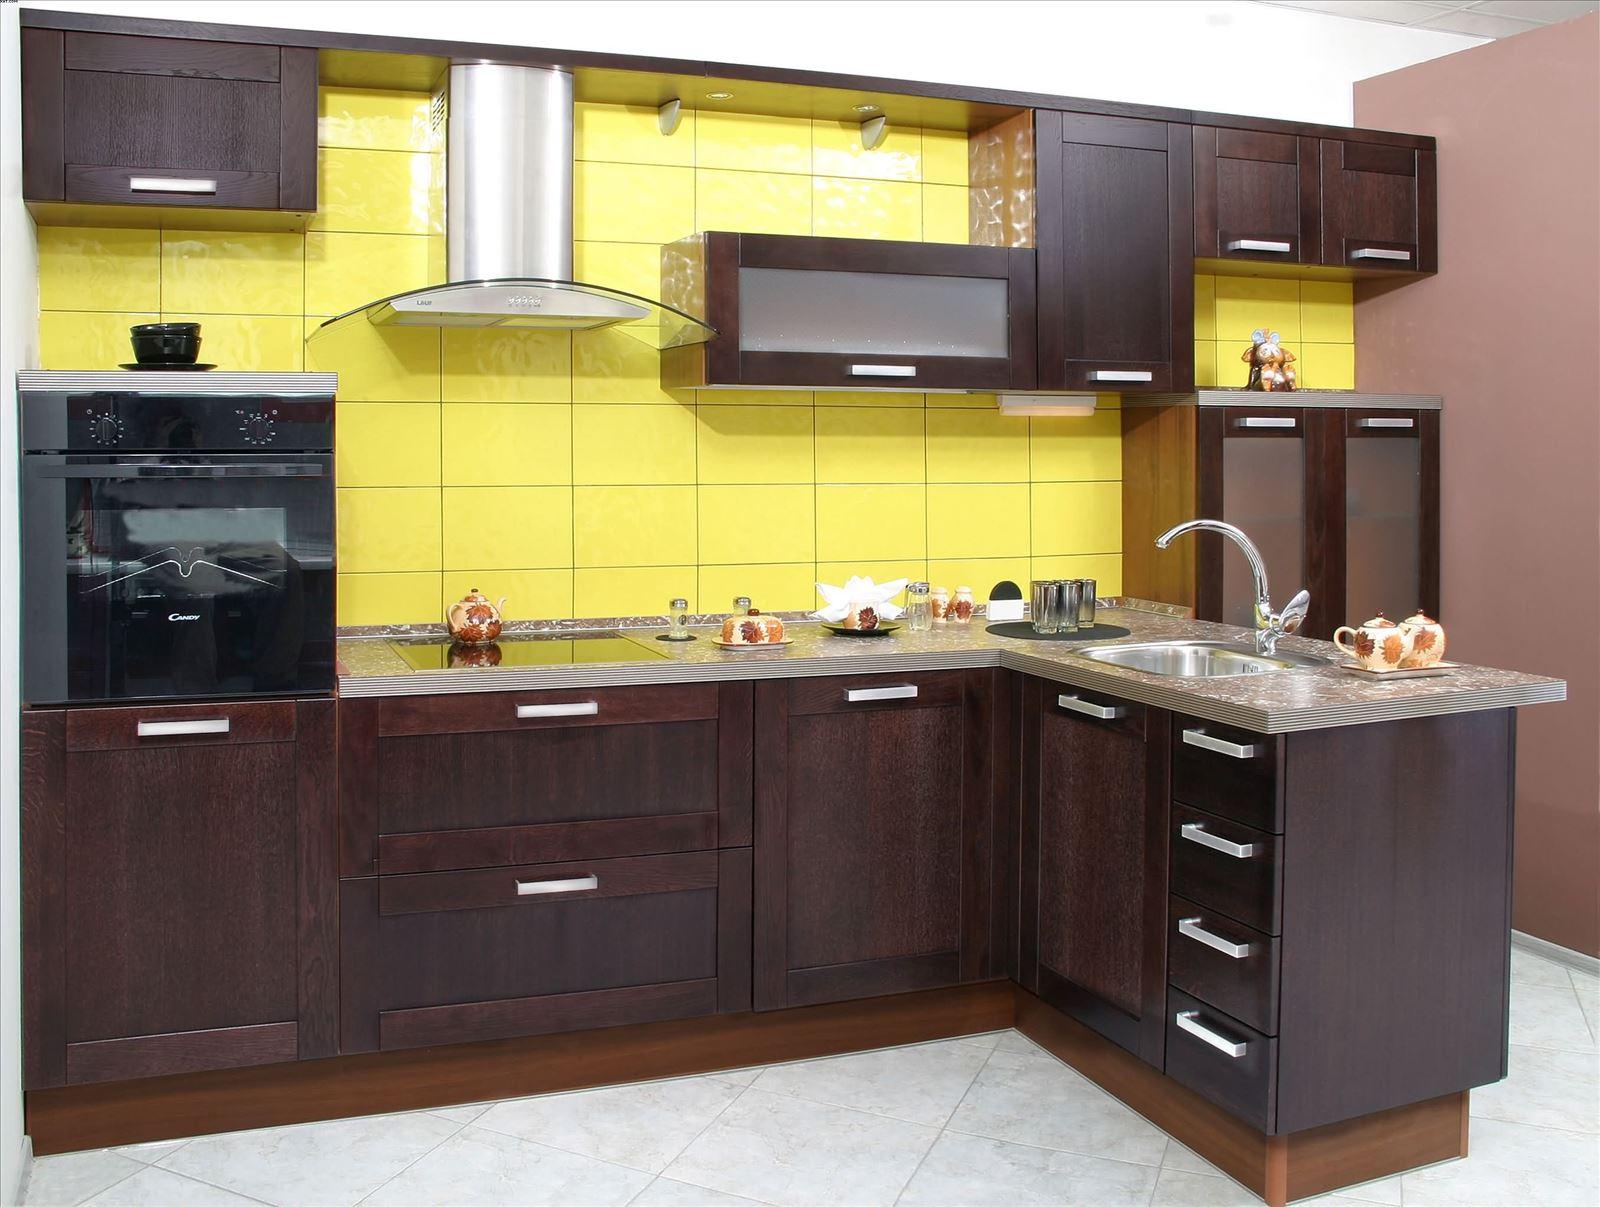 Красивые кухни фото модерн